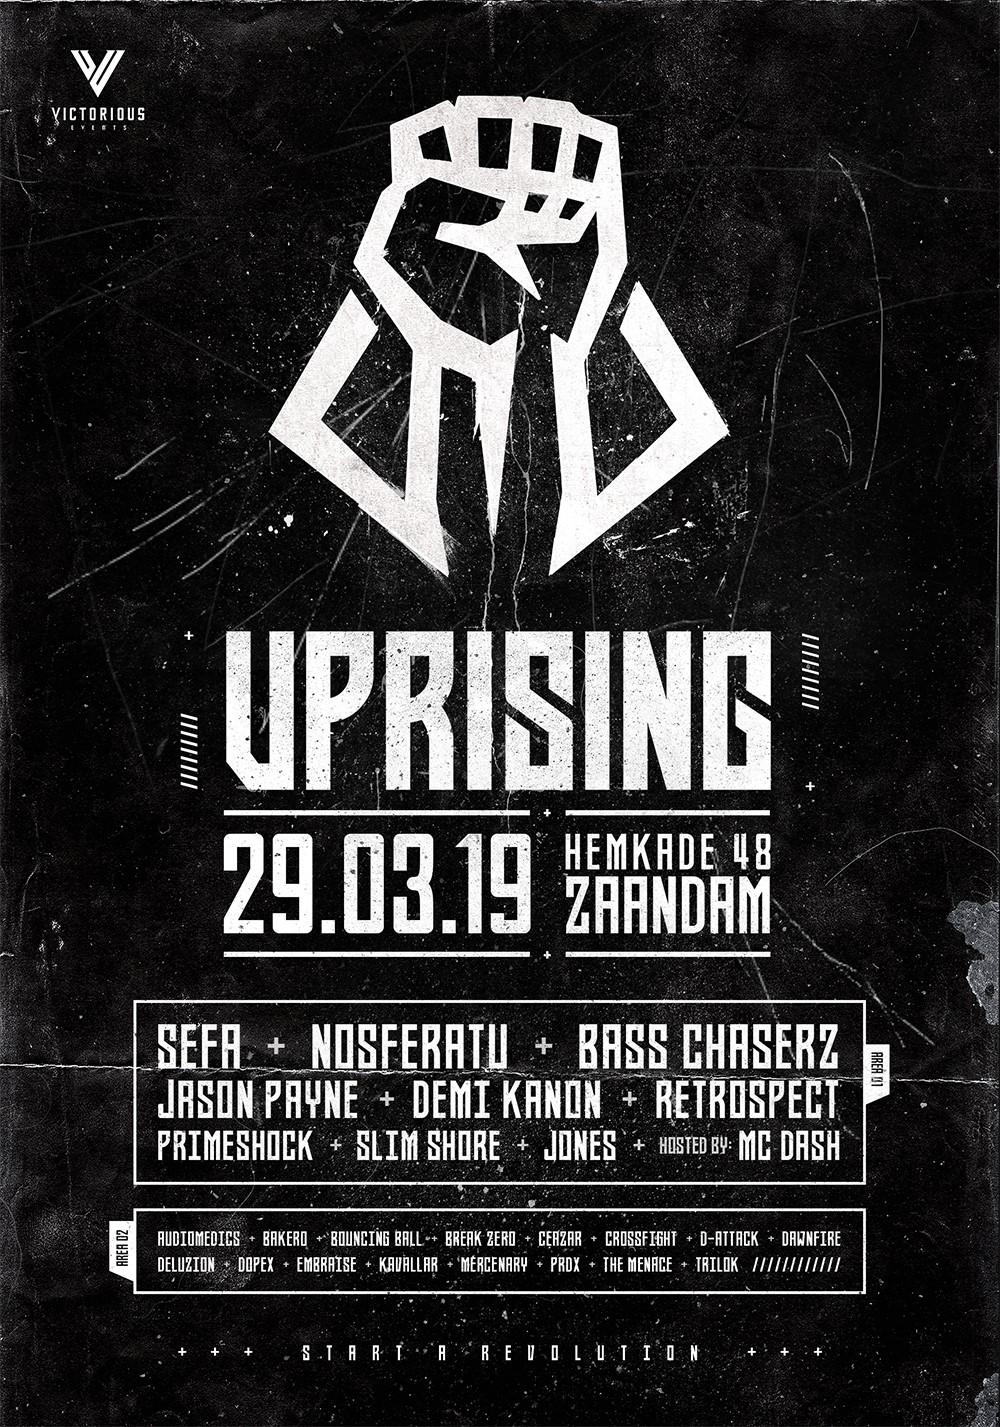 Uprising 2019 - Start a Revolution - North Sea Venue